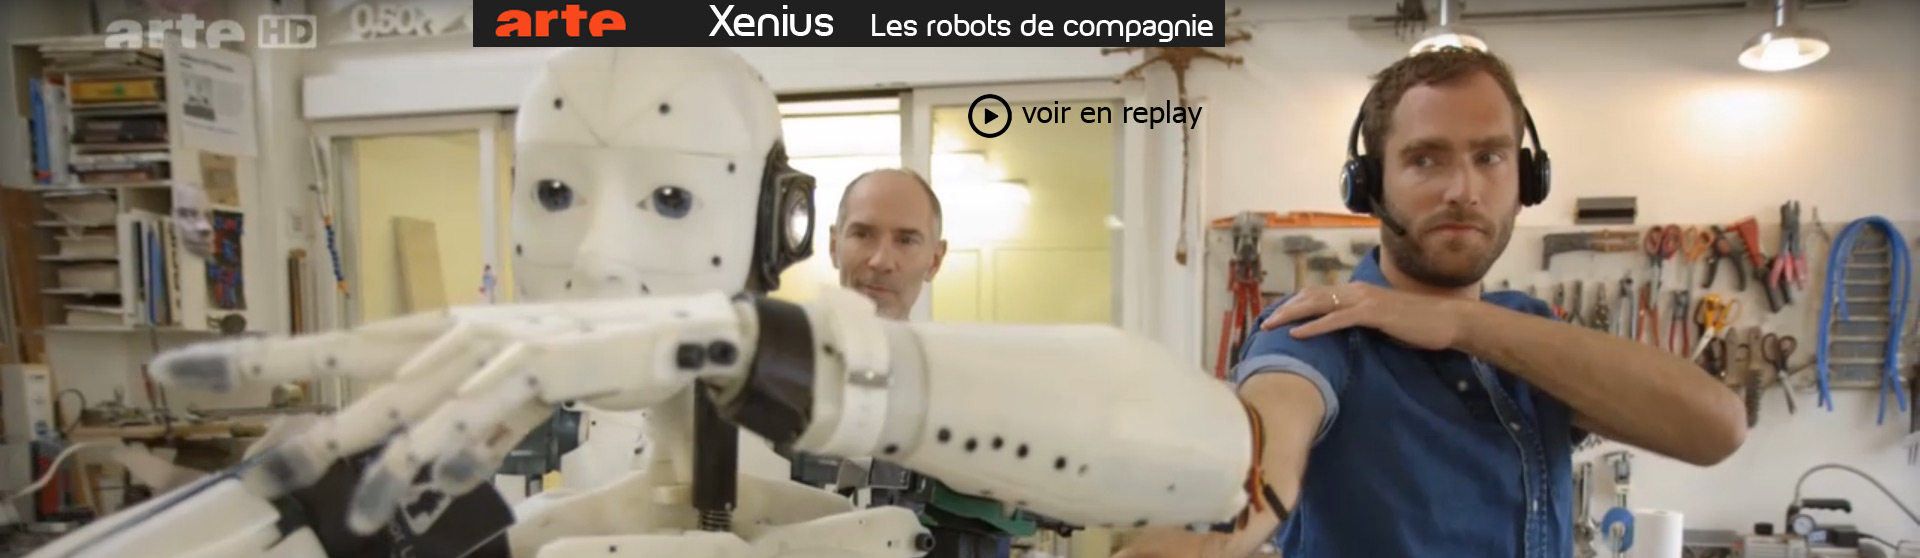 replay-xenius-01112016